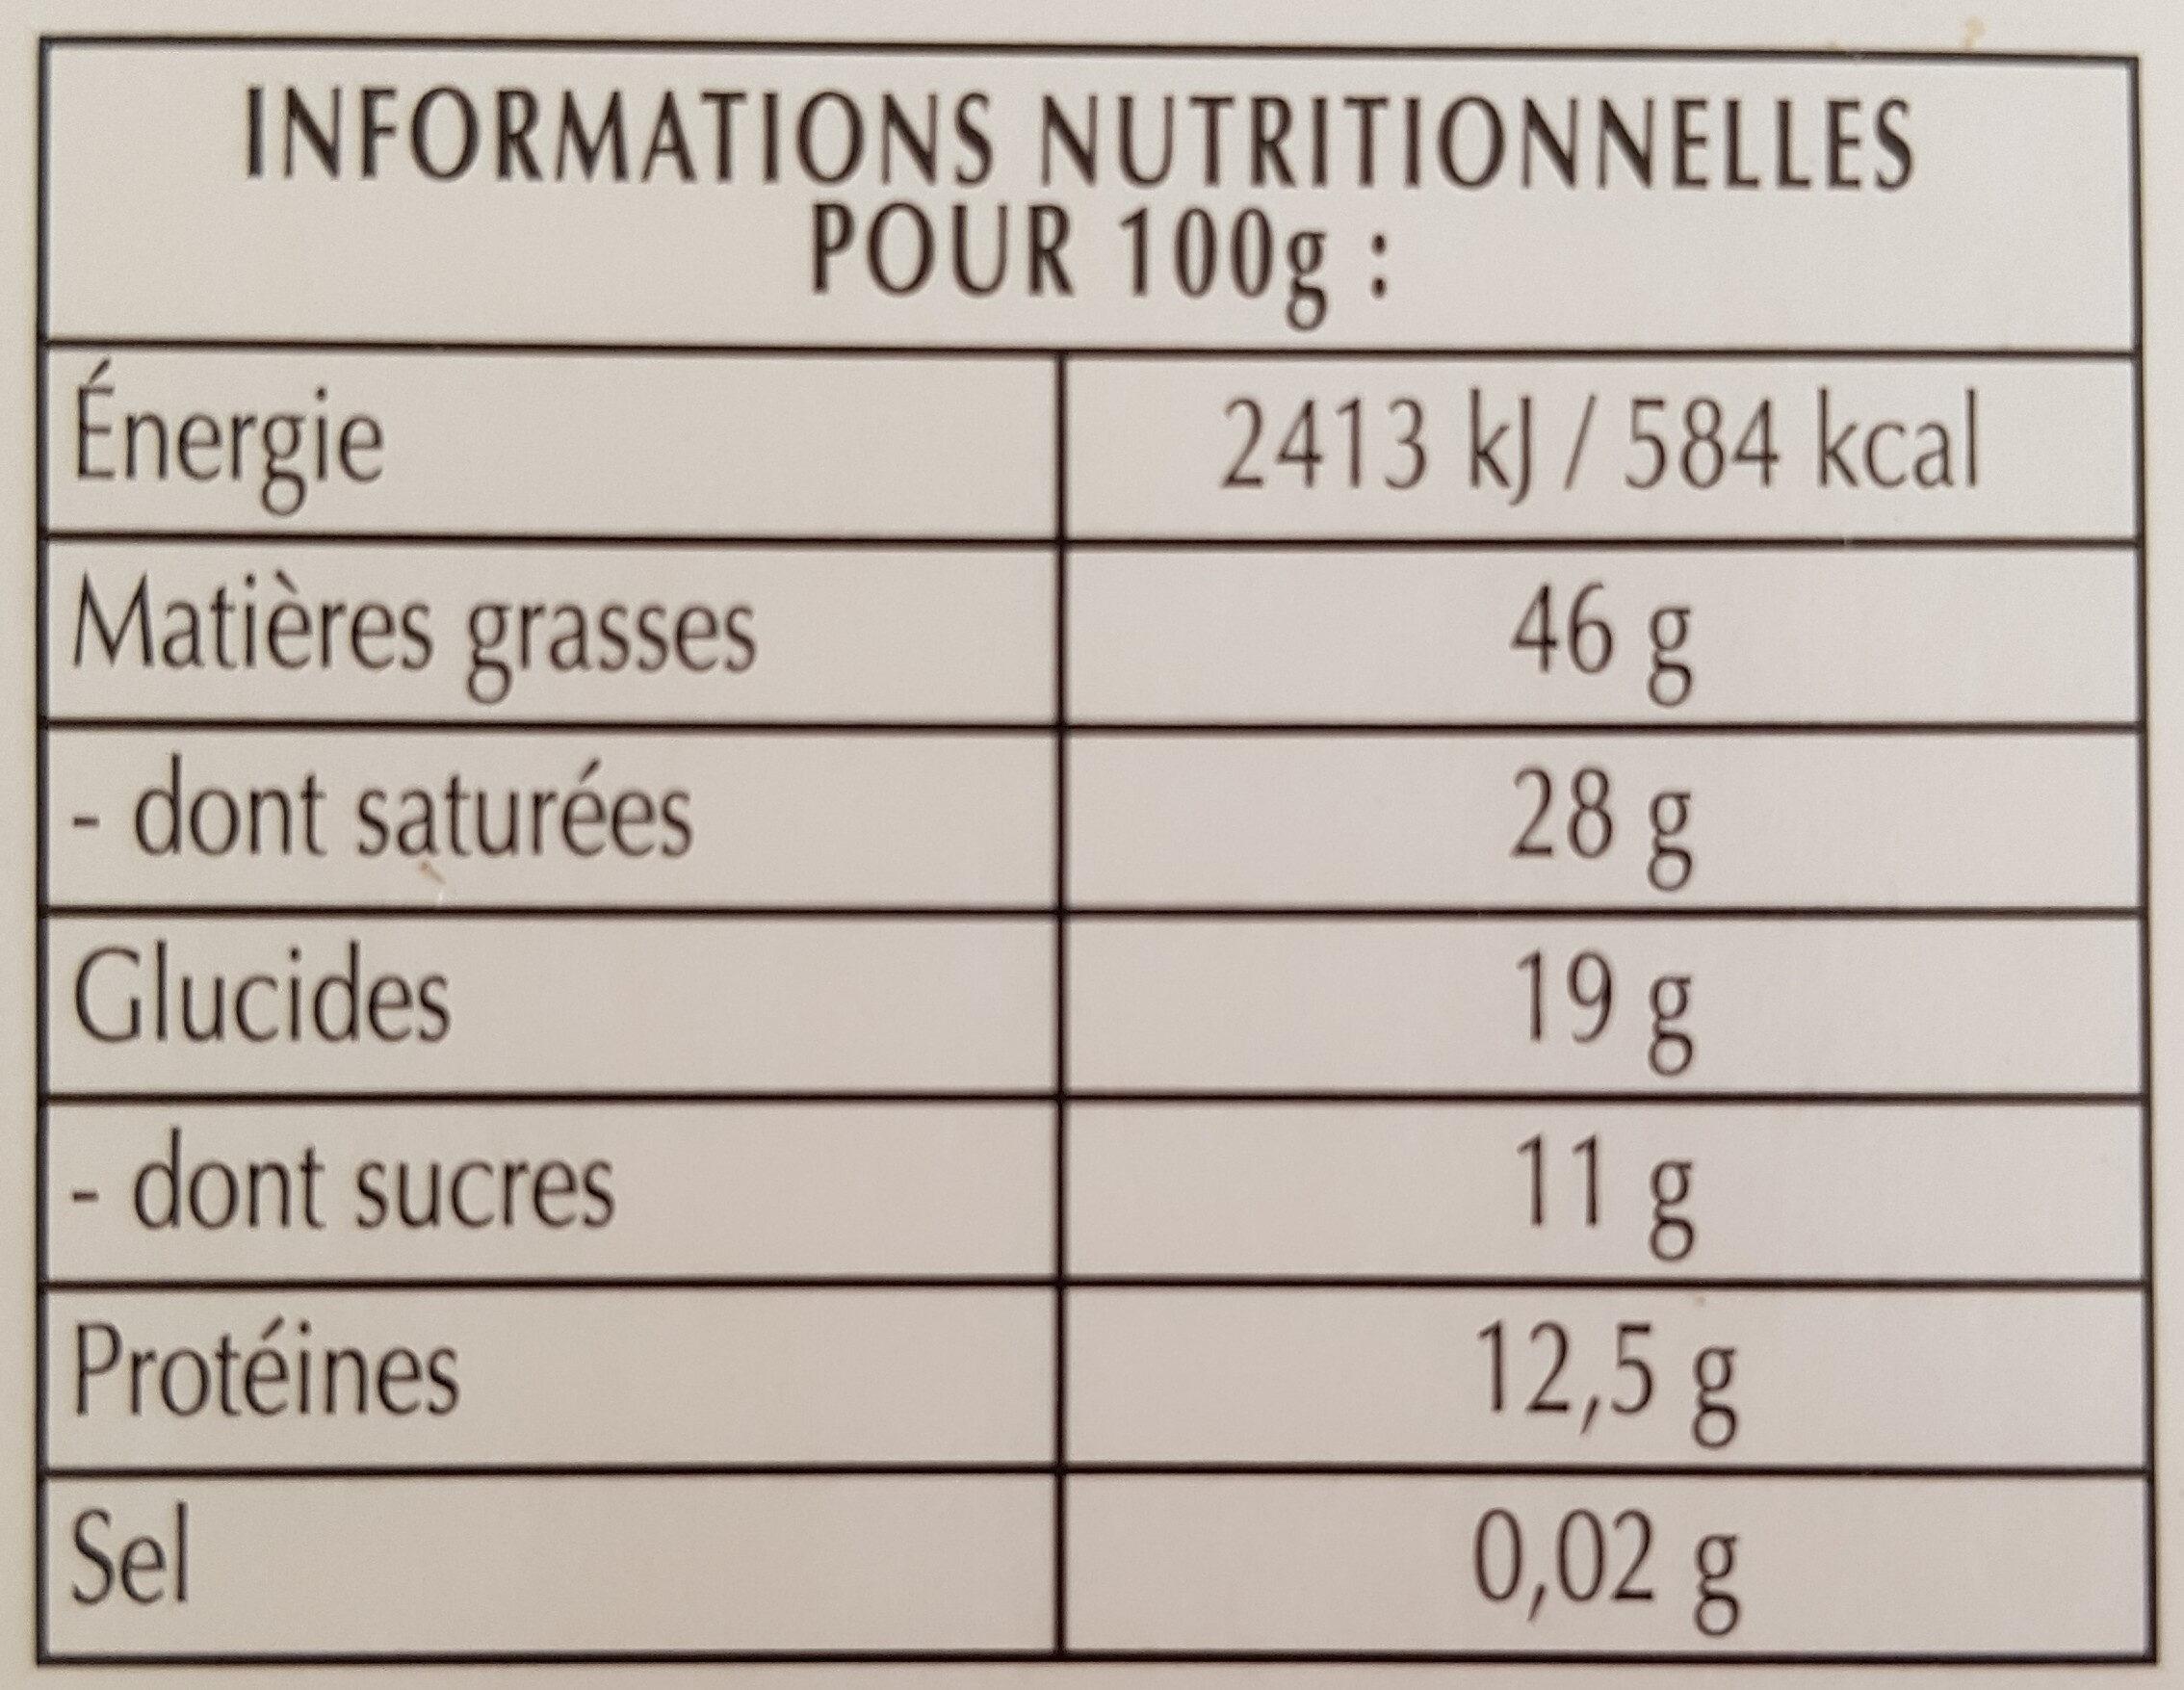 chocolat   lindt  85  de  cacao - Información nutricional - fr